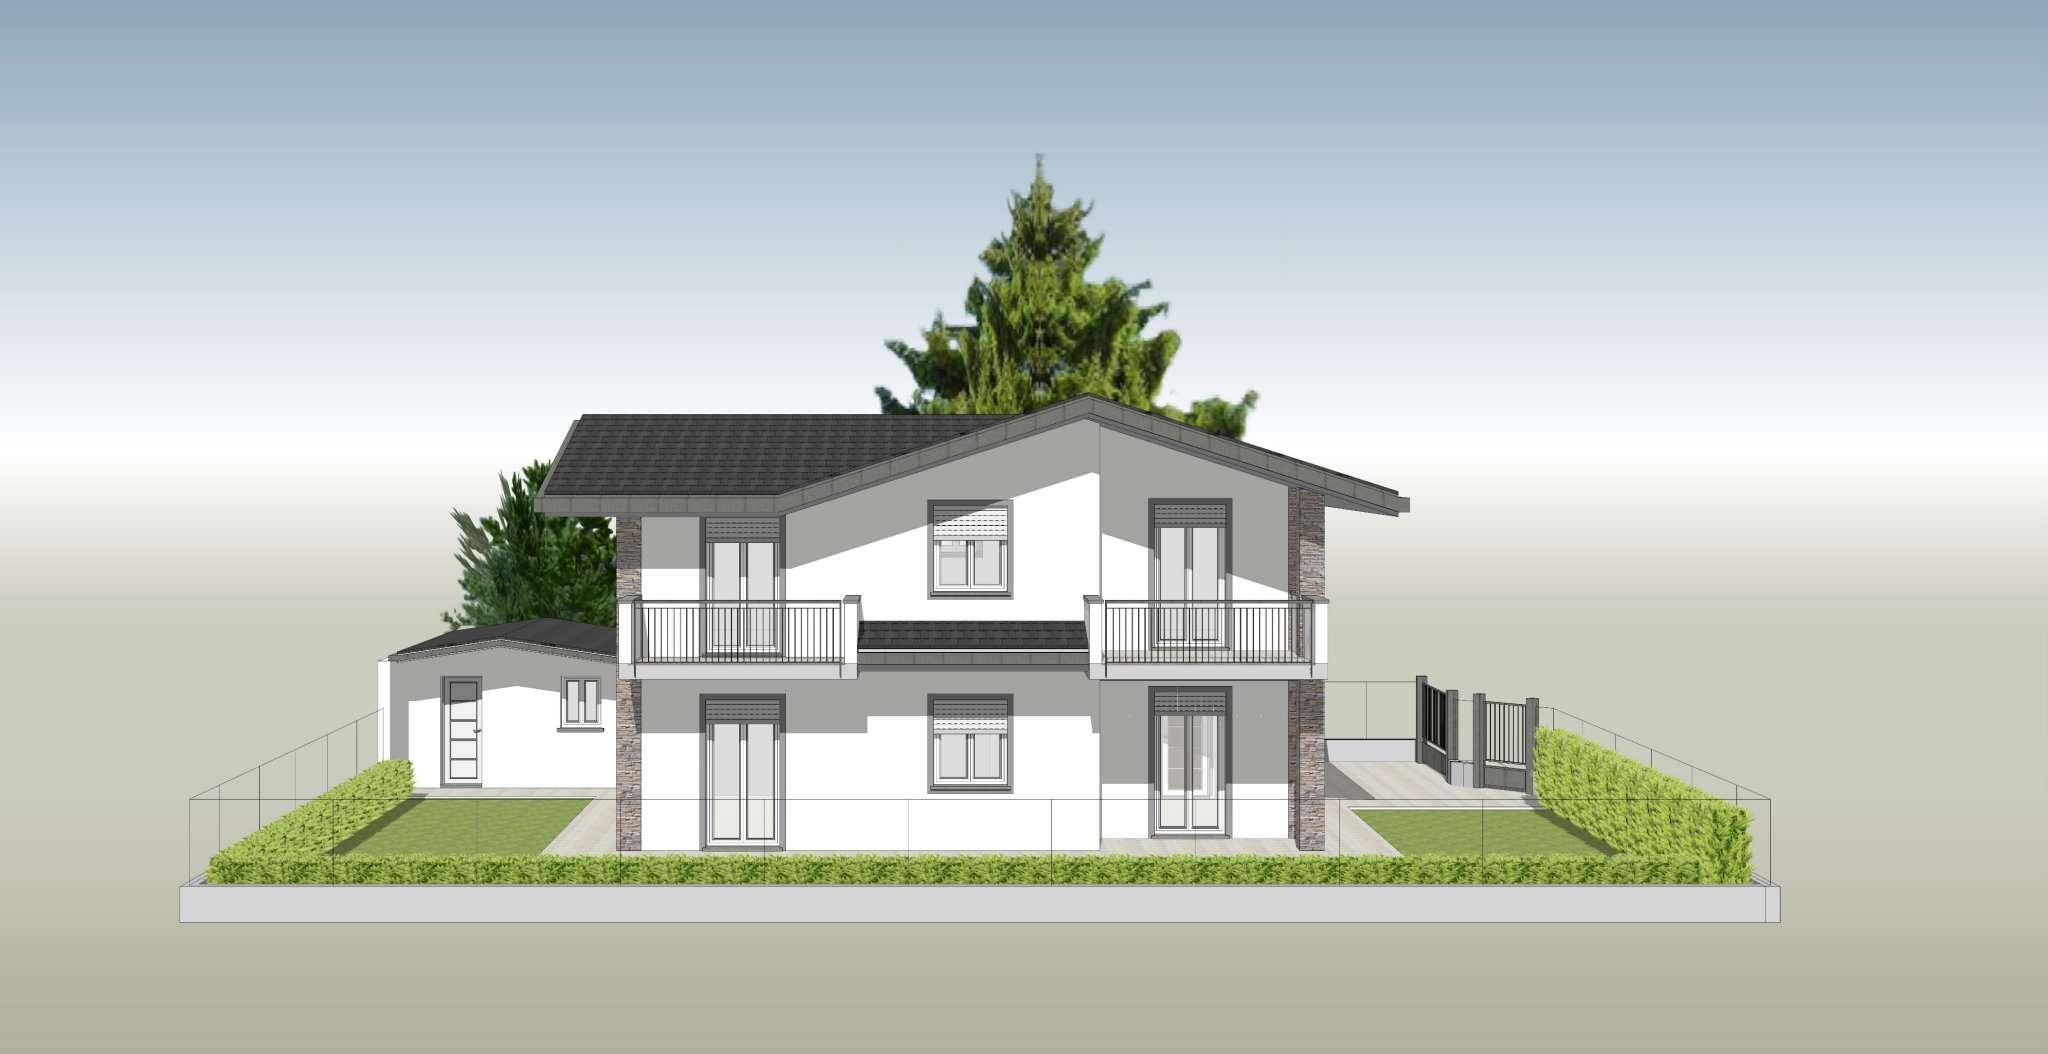 Appartamento in vendita a Vedano Olona, 3 locali, prezzo € 245.000 | CambioCasa.it